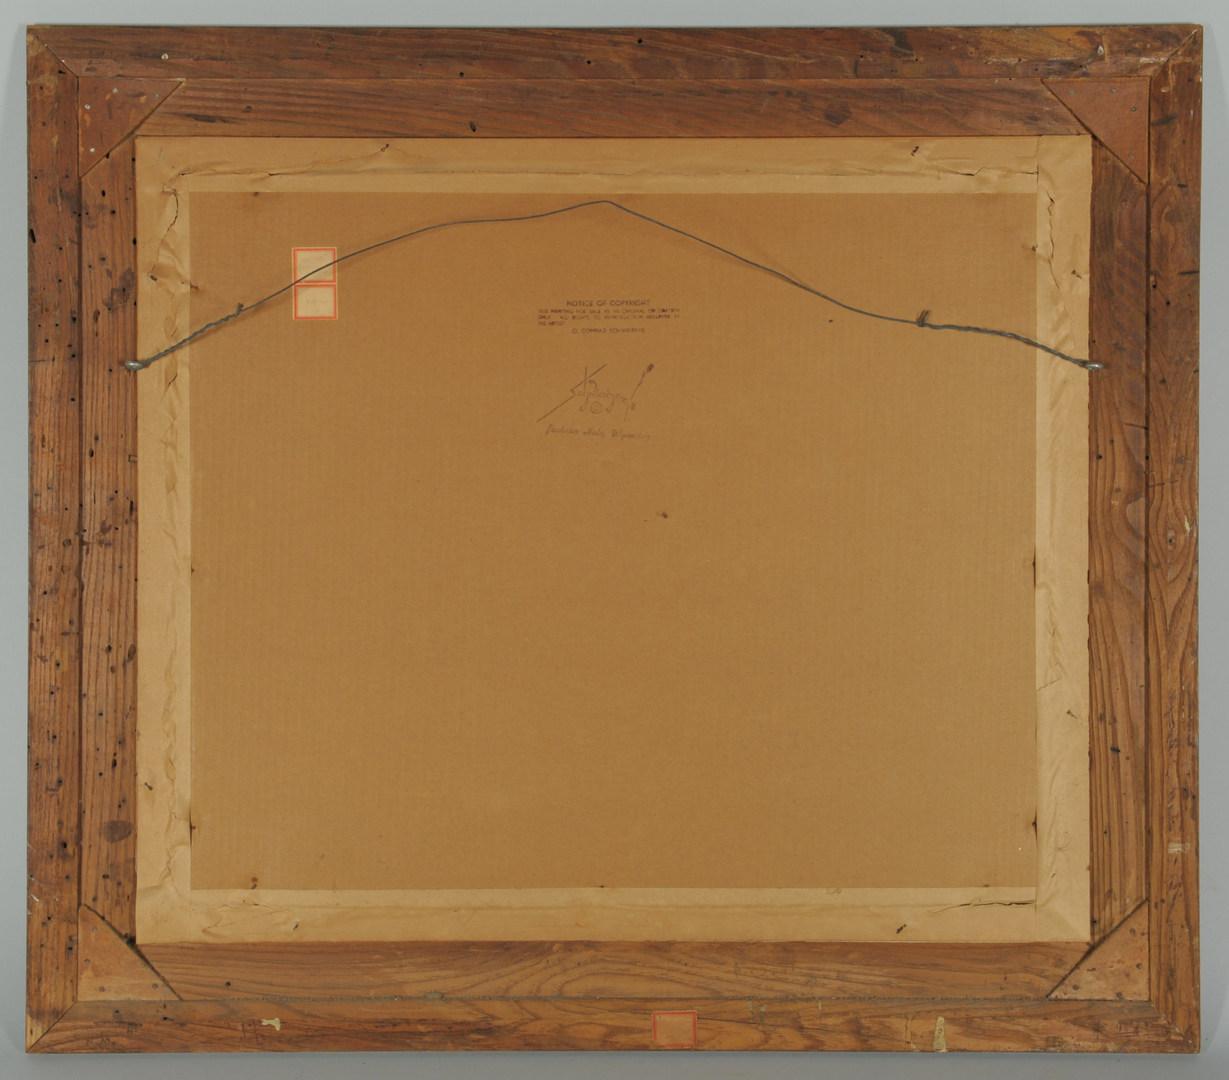 Lot 162: Conrad Schwiering o/b, AUTUMN REFLECTION